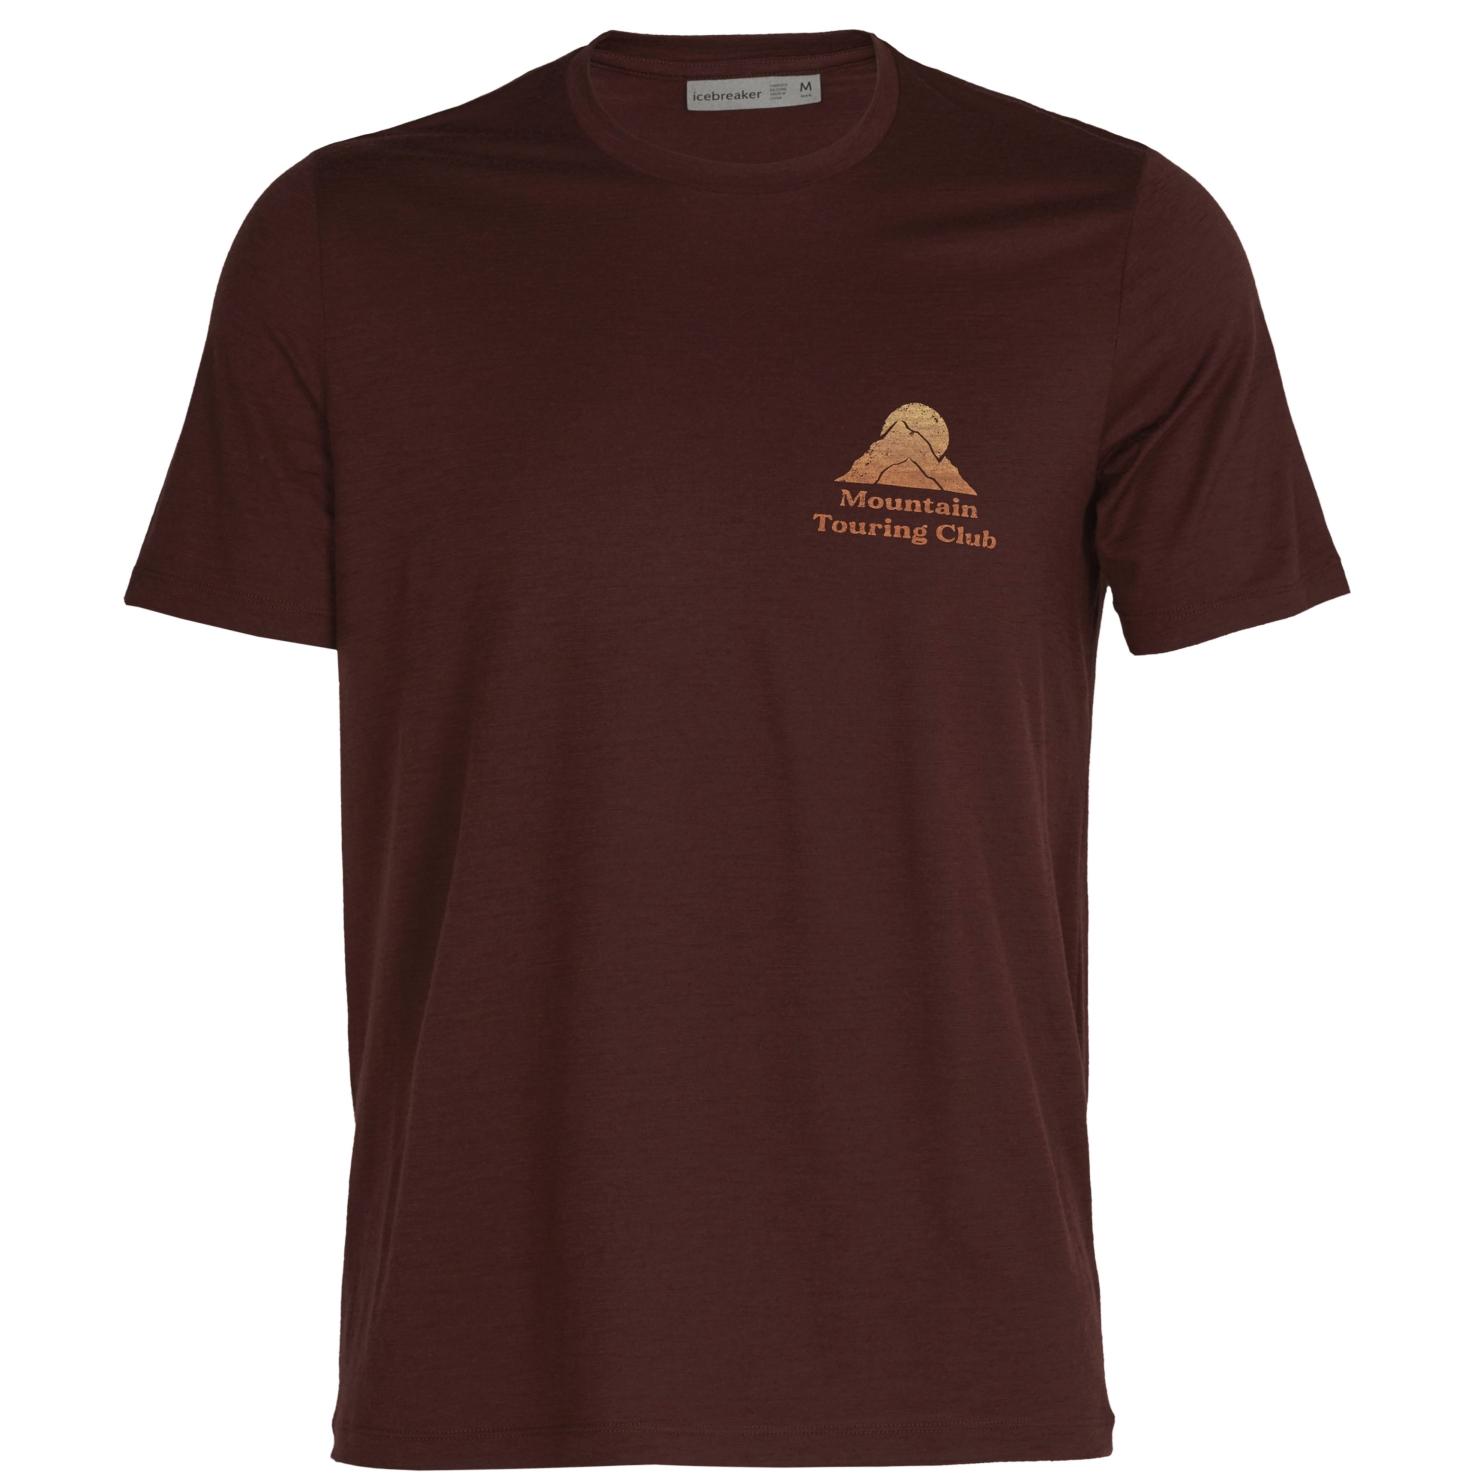 Produktbild von Icebreaker Tech Lite II Touring Club Herren T-Shirt - Espresso